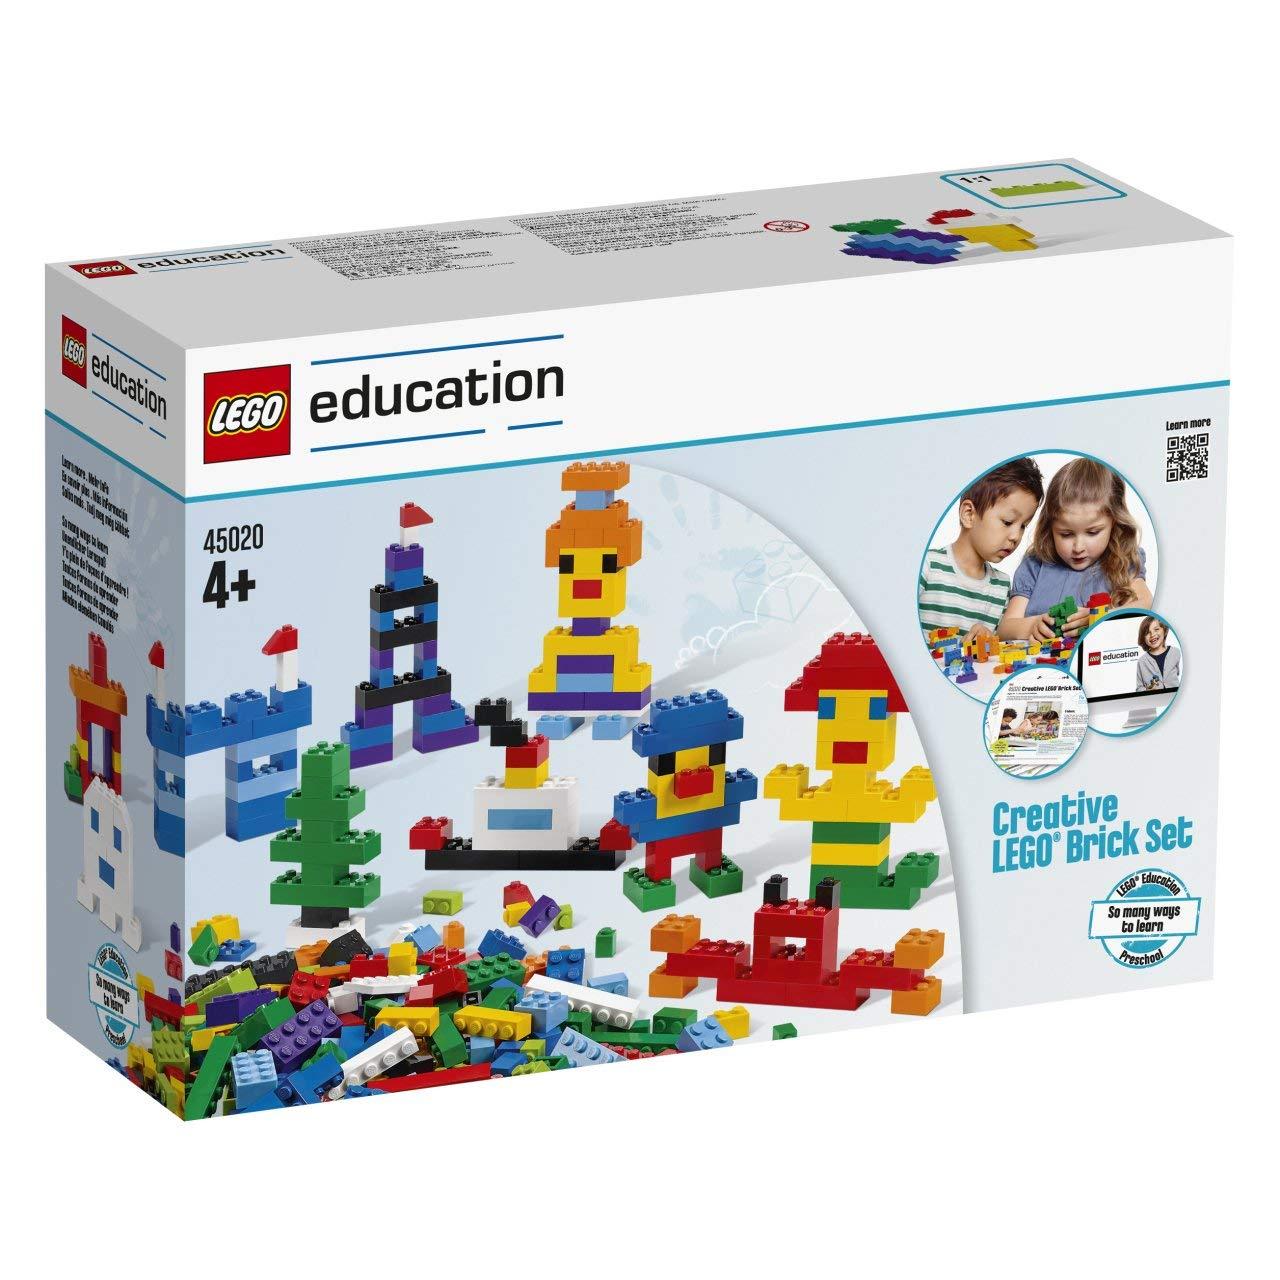 Set creativo de ladrillos LEGO: Amazon.es: Industria, empresas y ciencia